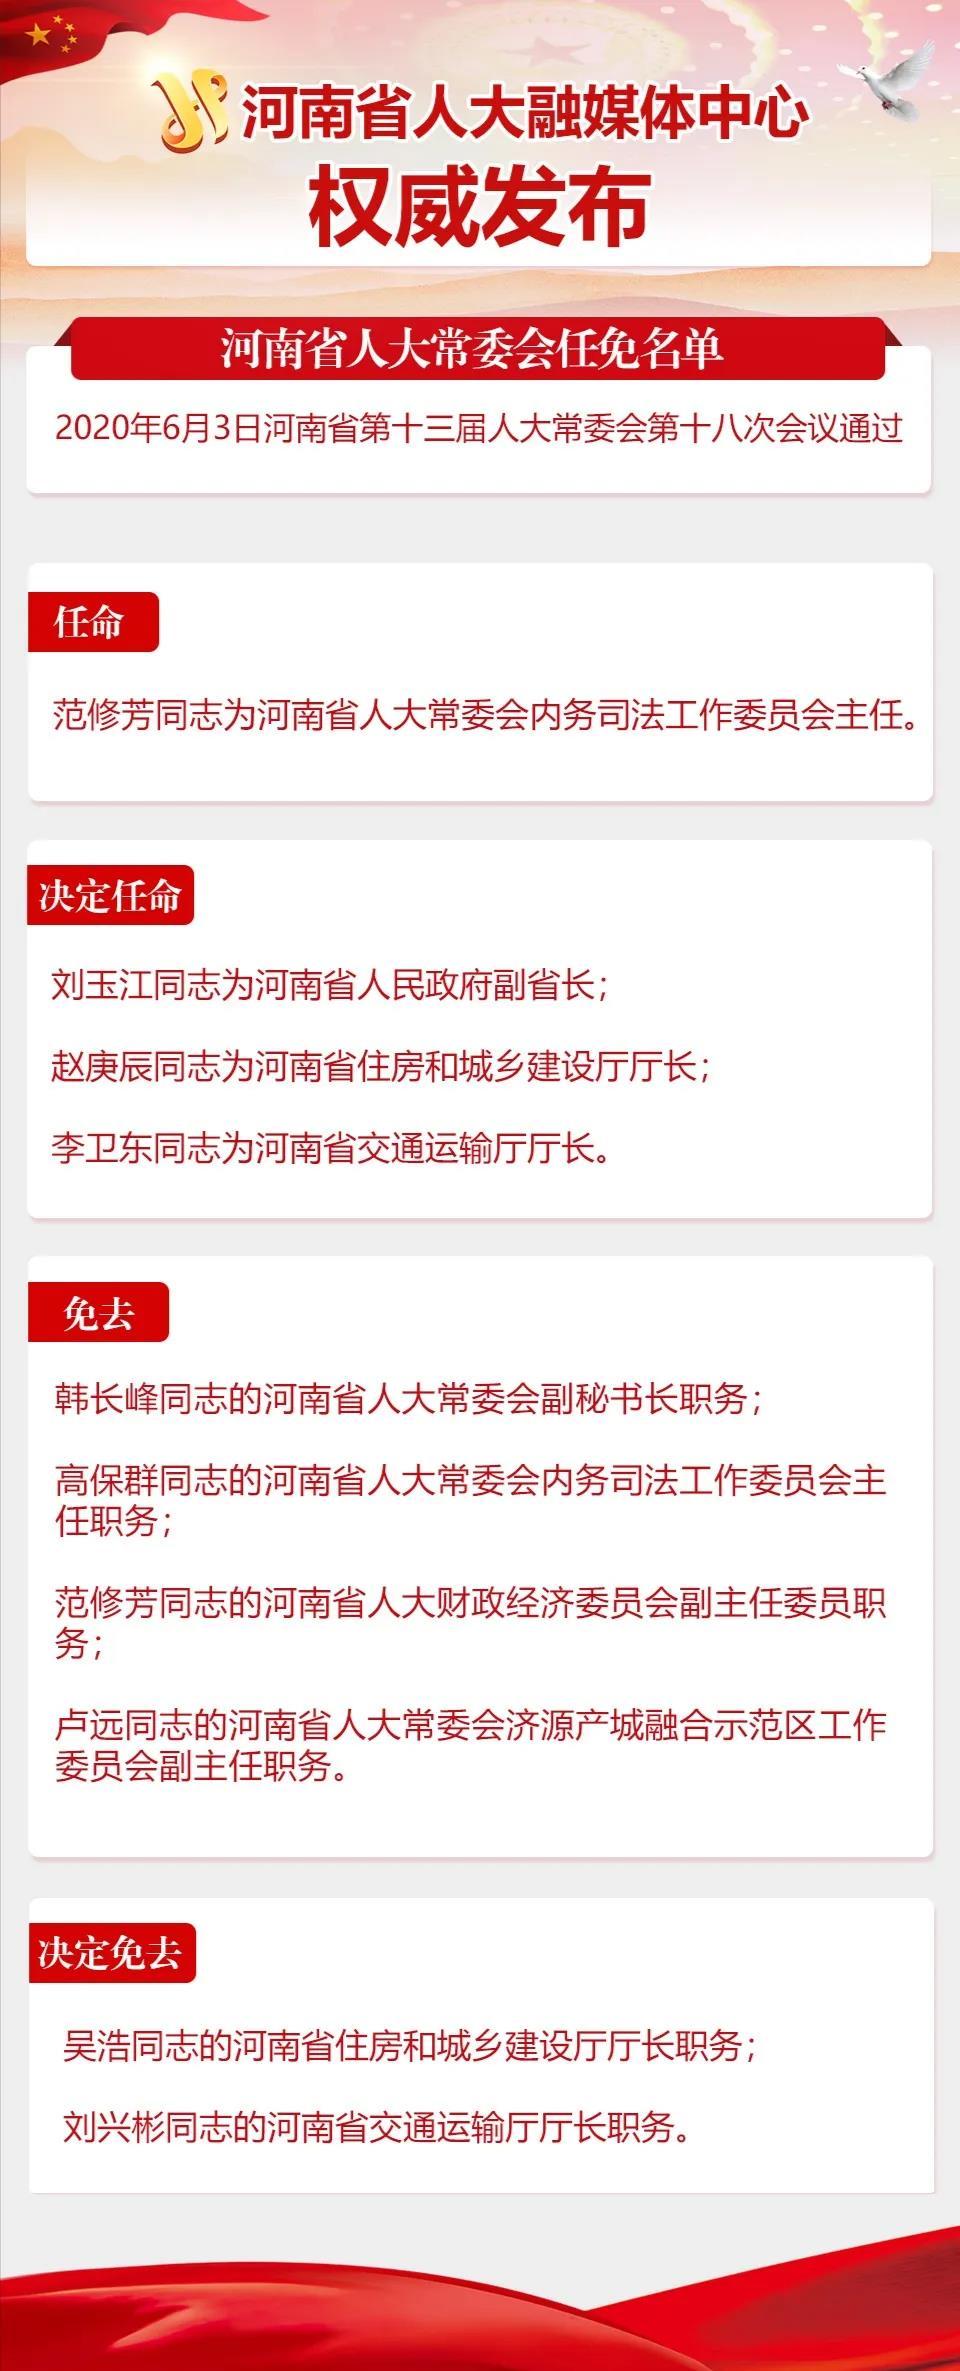 河南省通过一批人事任免 决定任命刘玉江为副省长图片